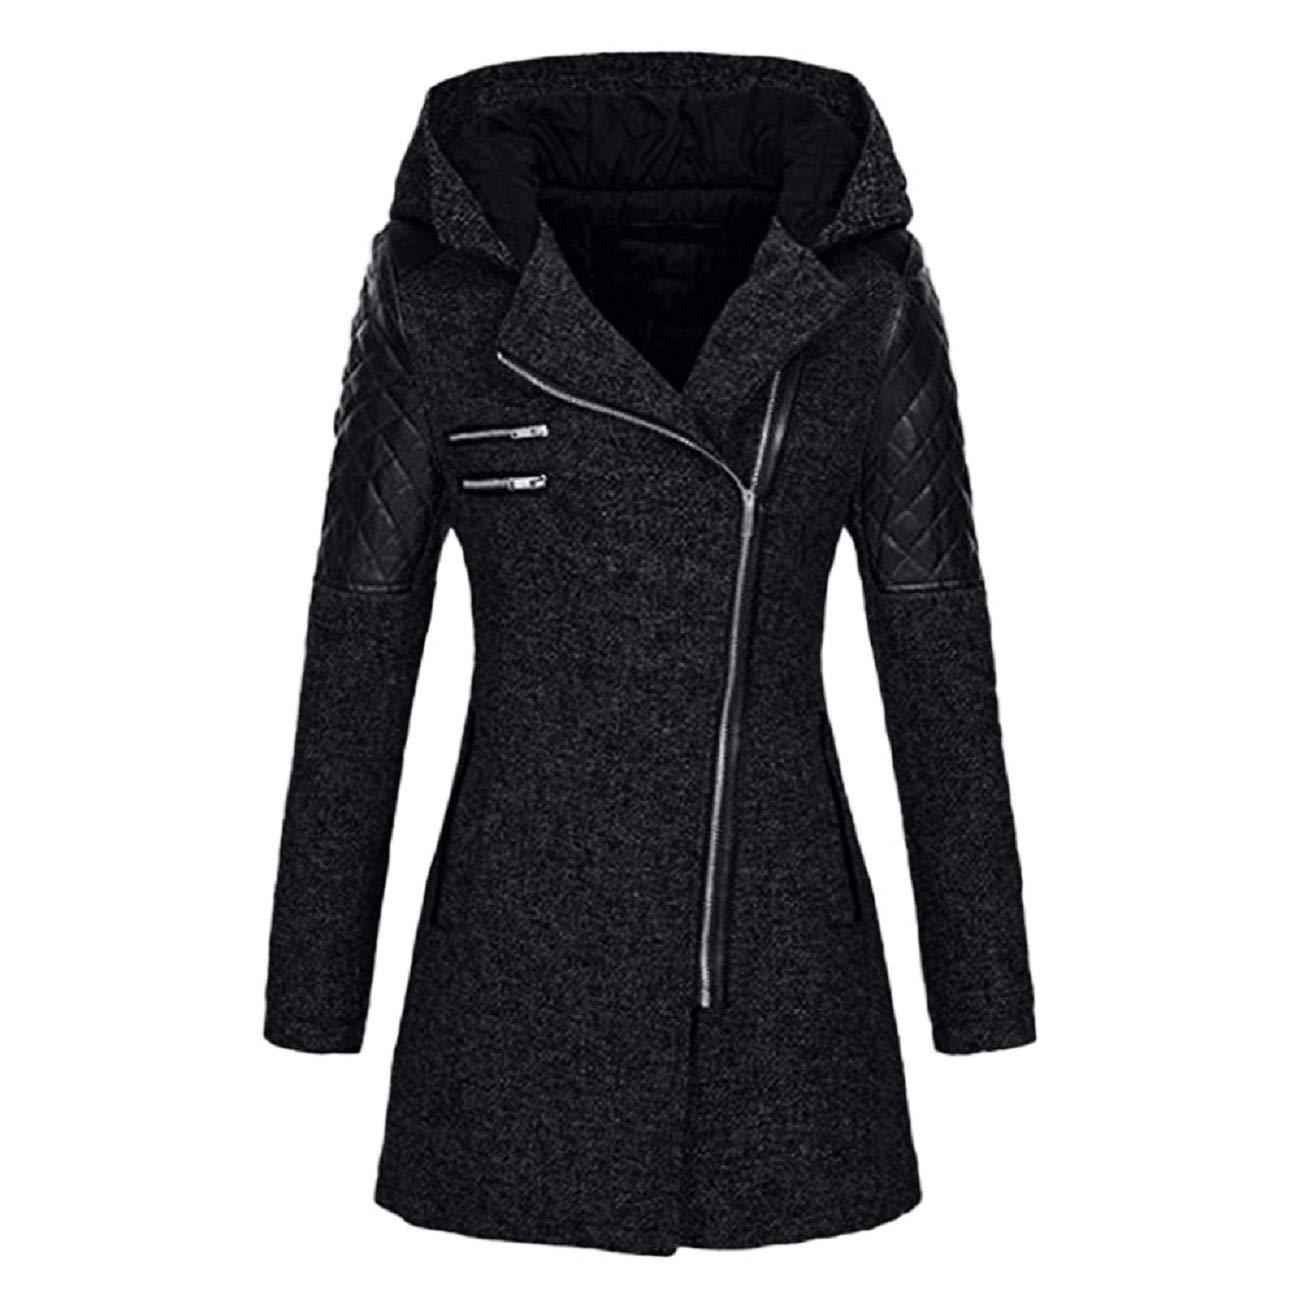 Adreamess Women Coat Winter Warm Slim Jacket Thick Parka Overcoat Winter Outwear Hooded Zipper Outwear Black by Adreamess